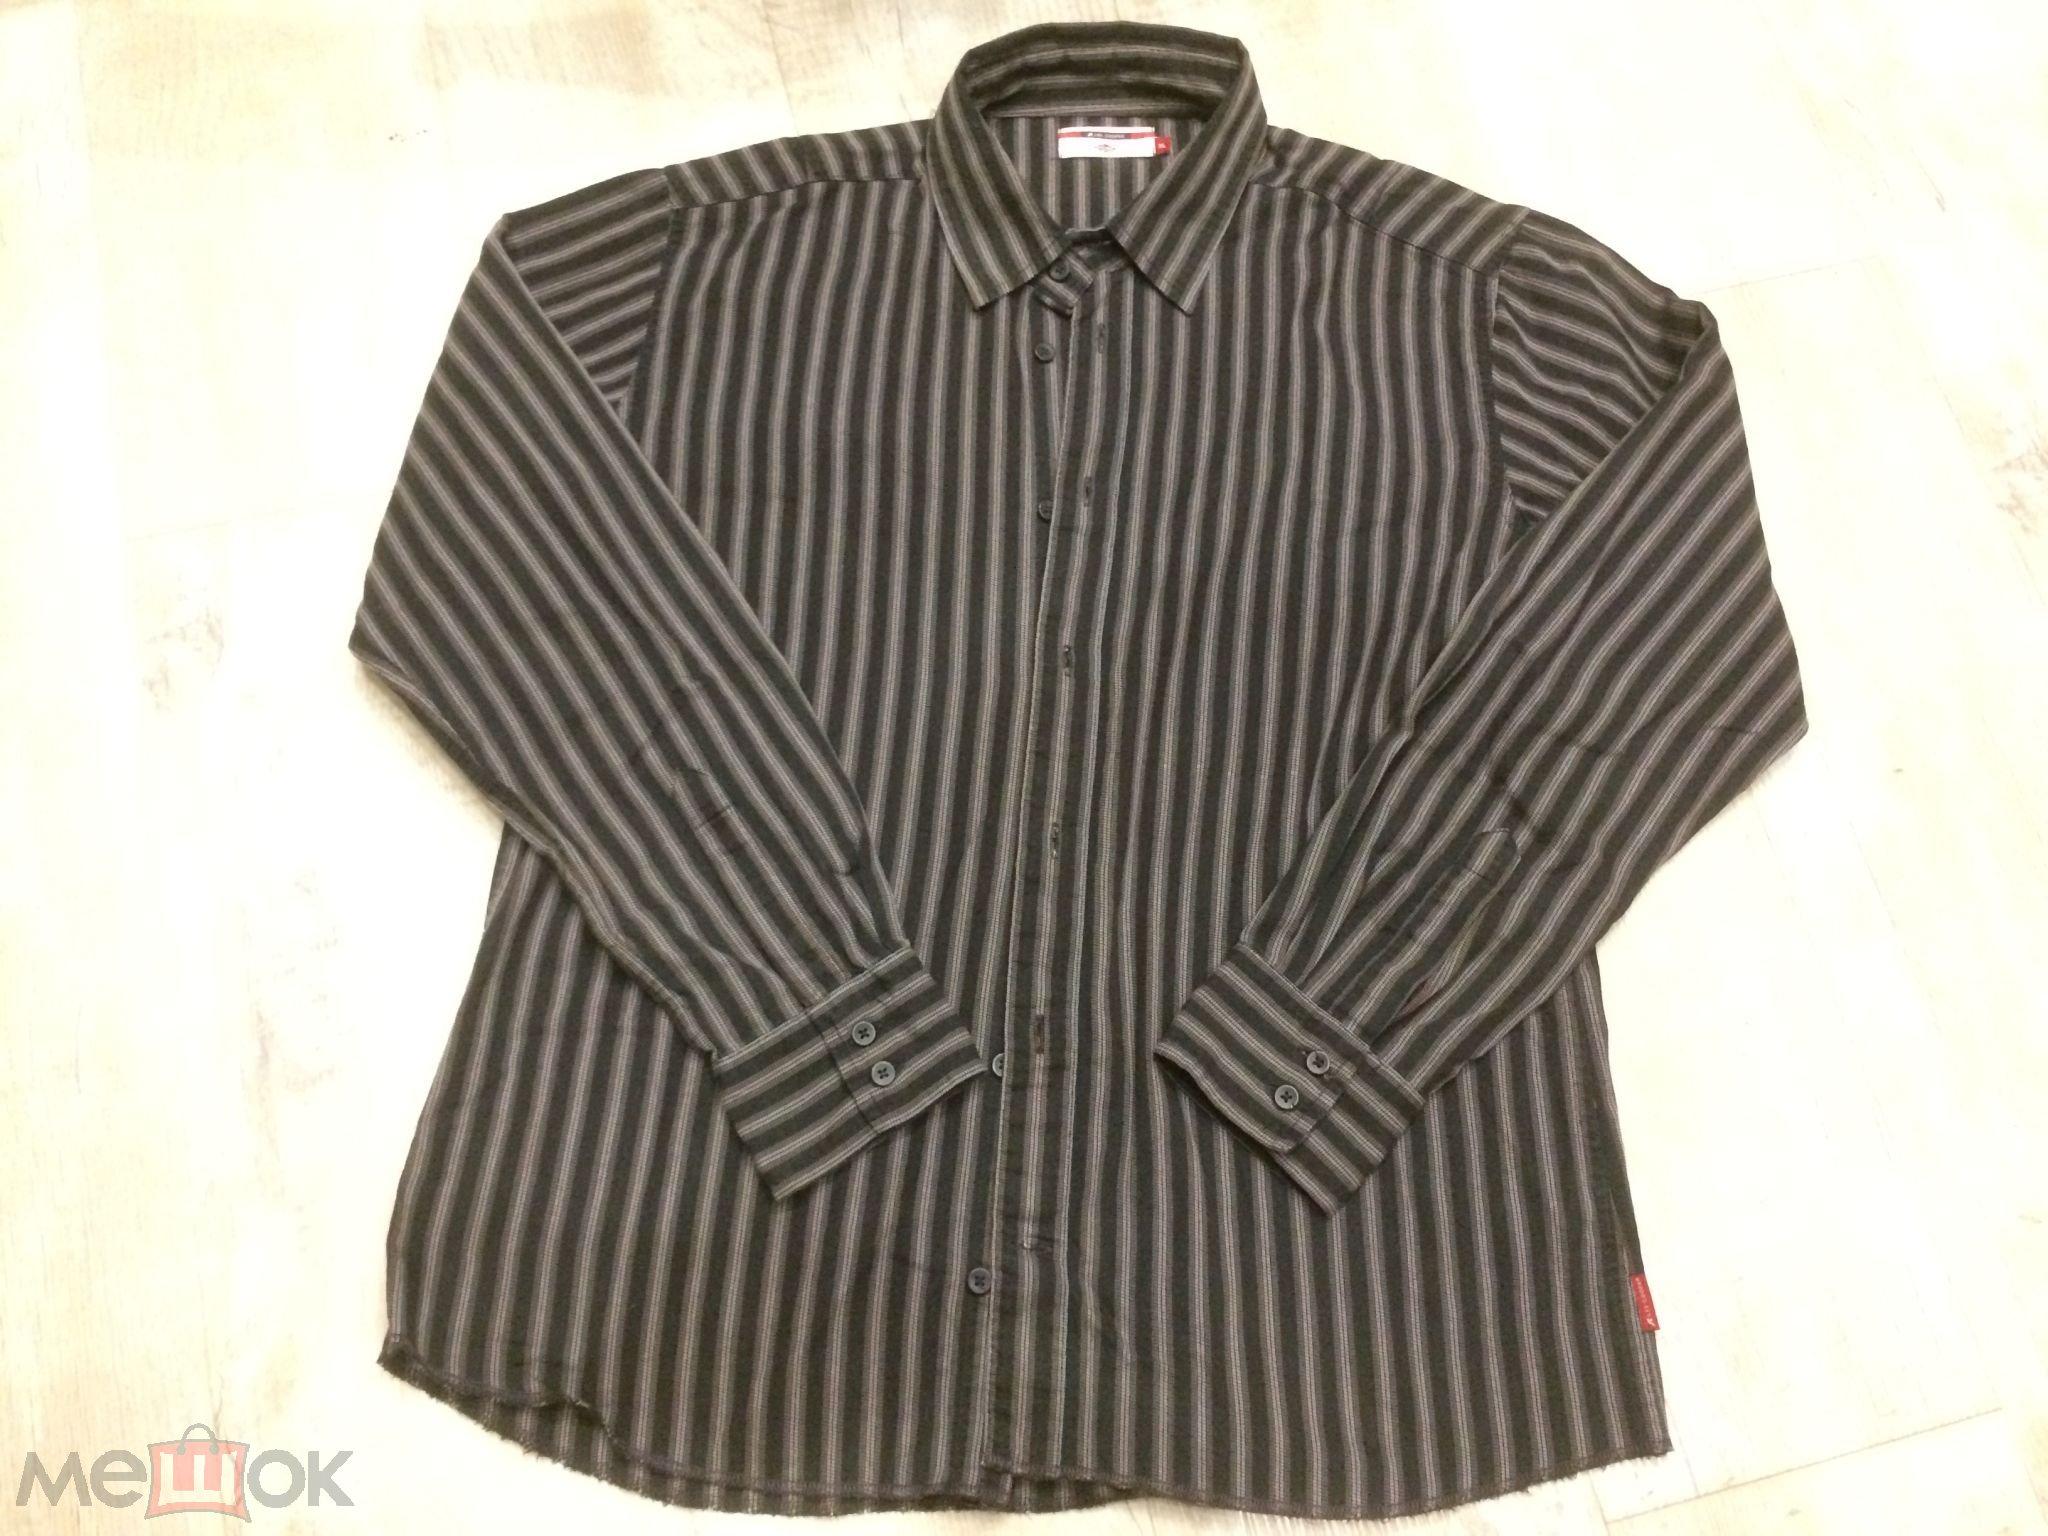 092fd92af24 Рубашка мужская х б. LEE COOPER size XL COTTON джинсовый стиль